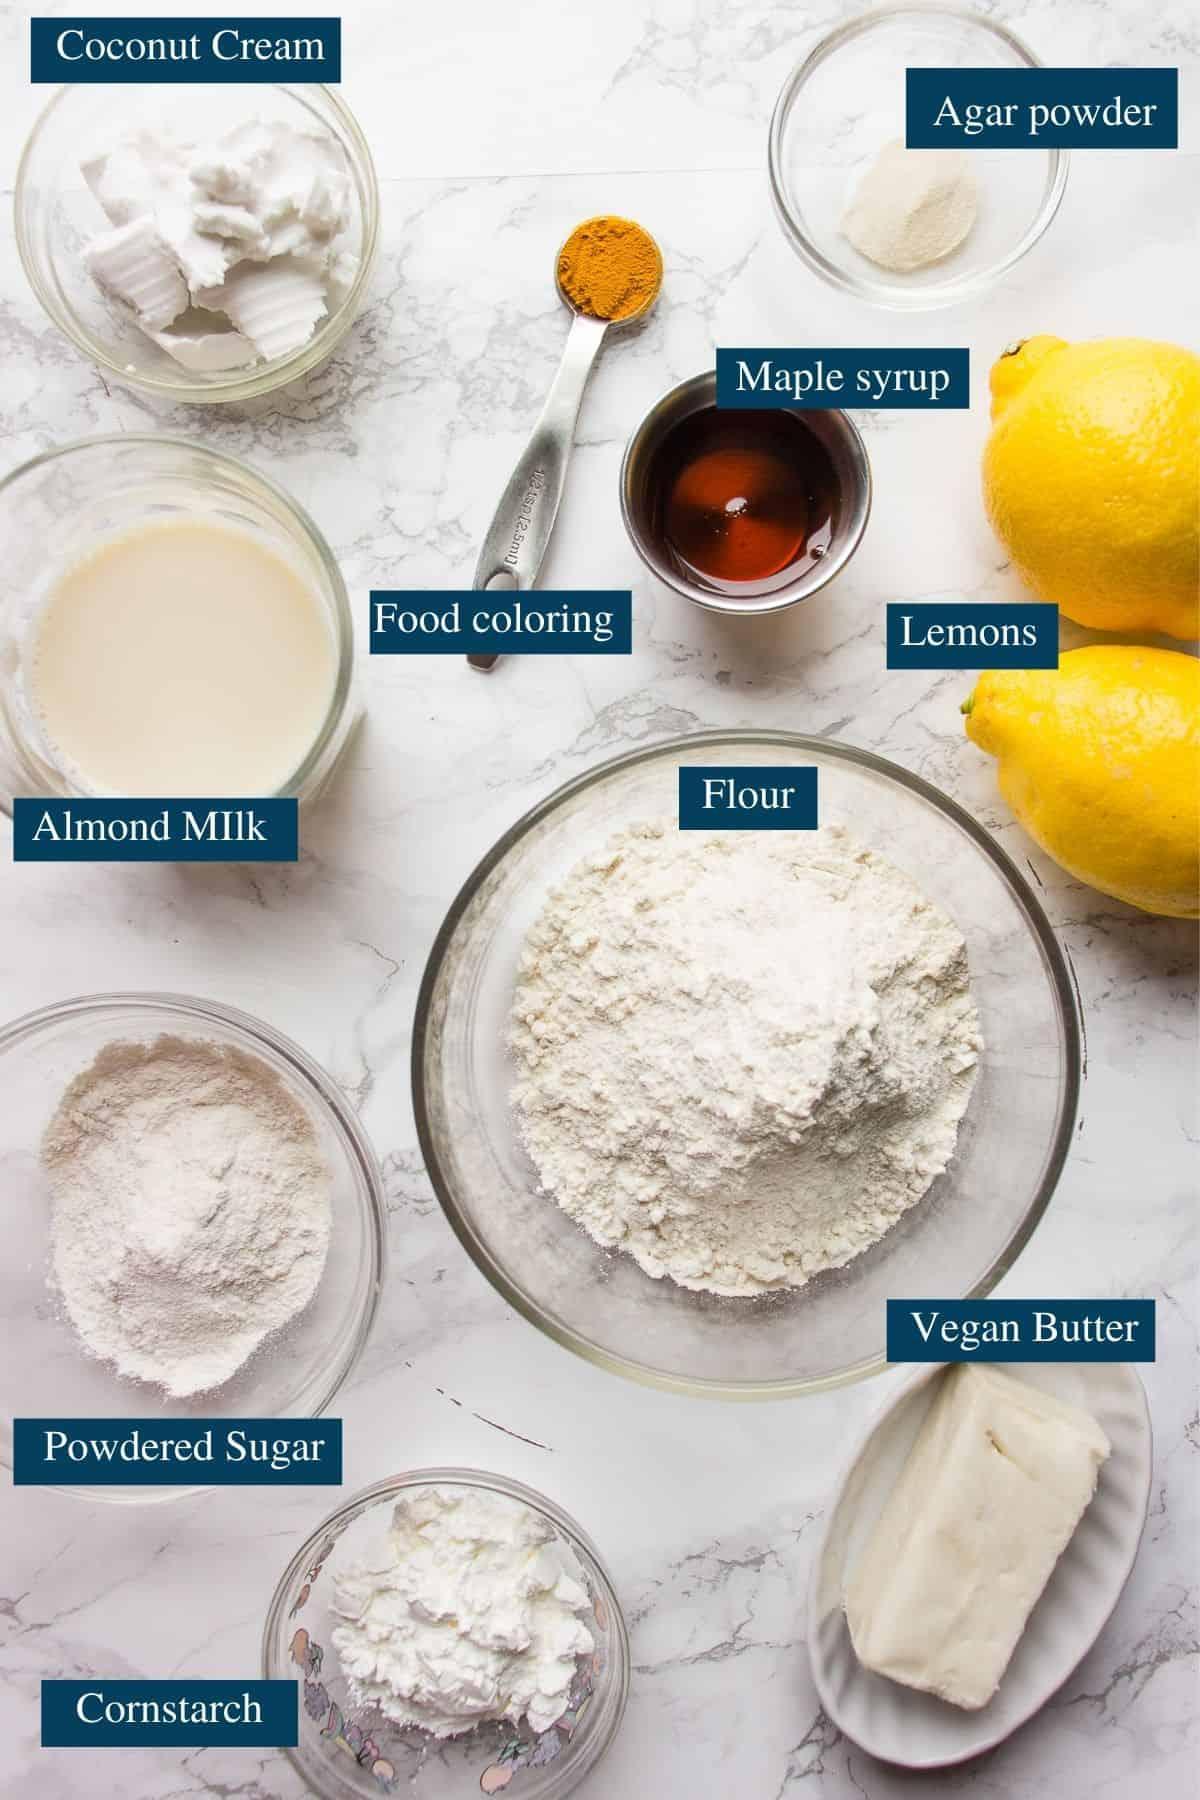 Ingredients overview for vegan lemon tartlets